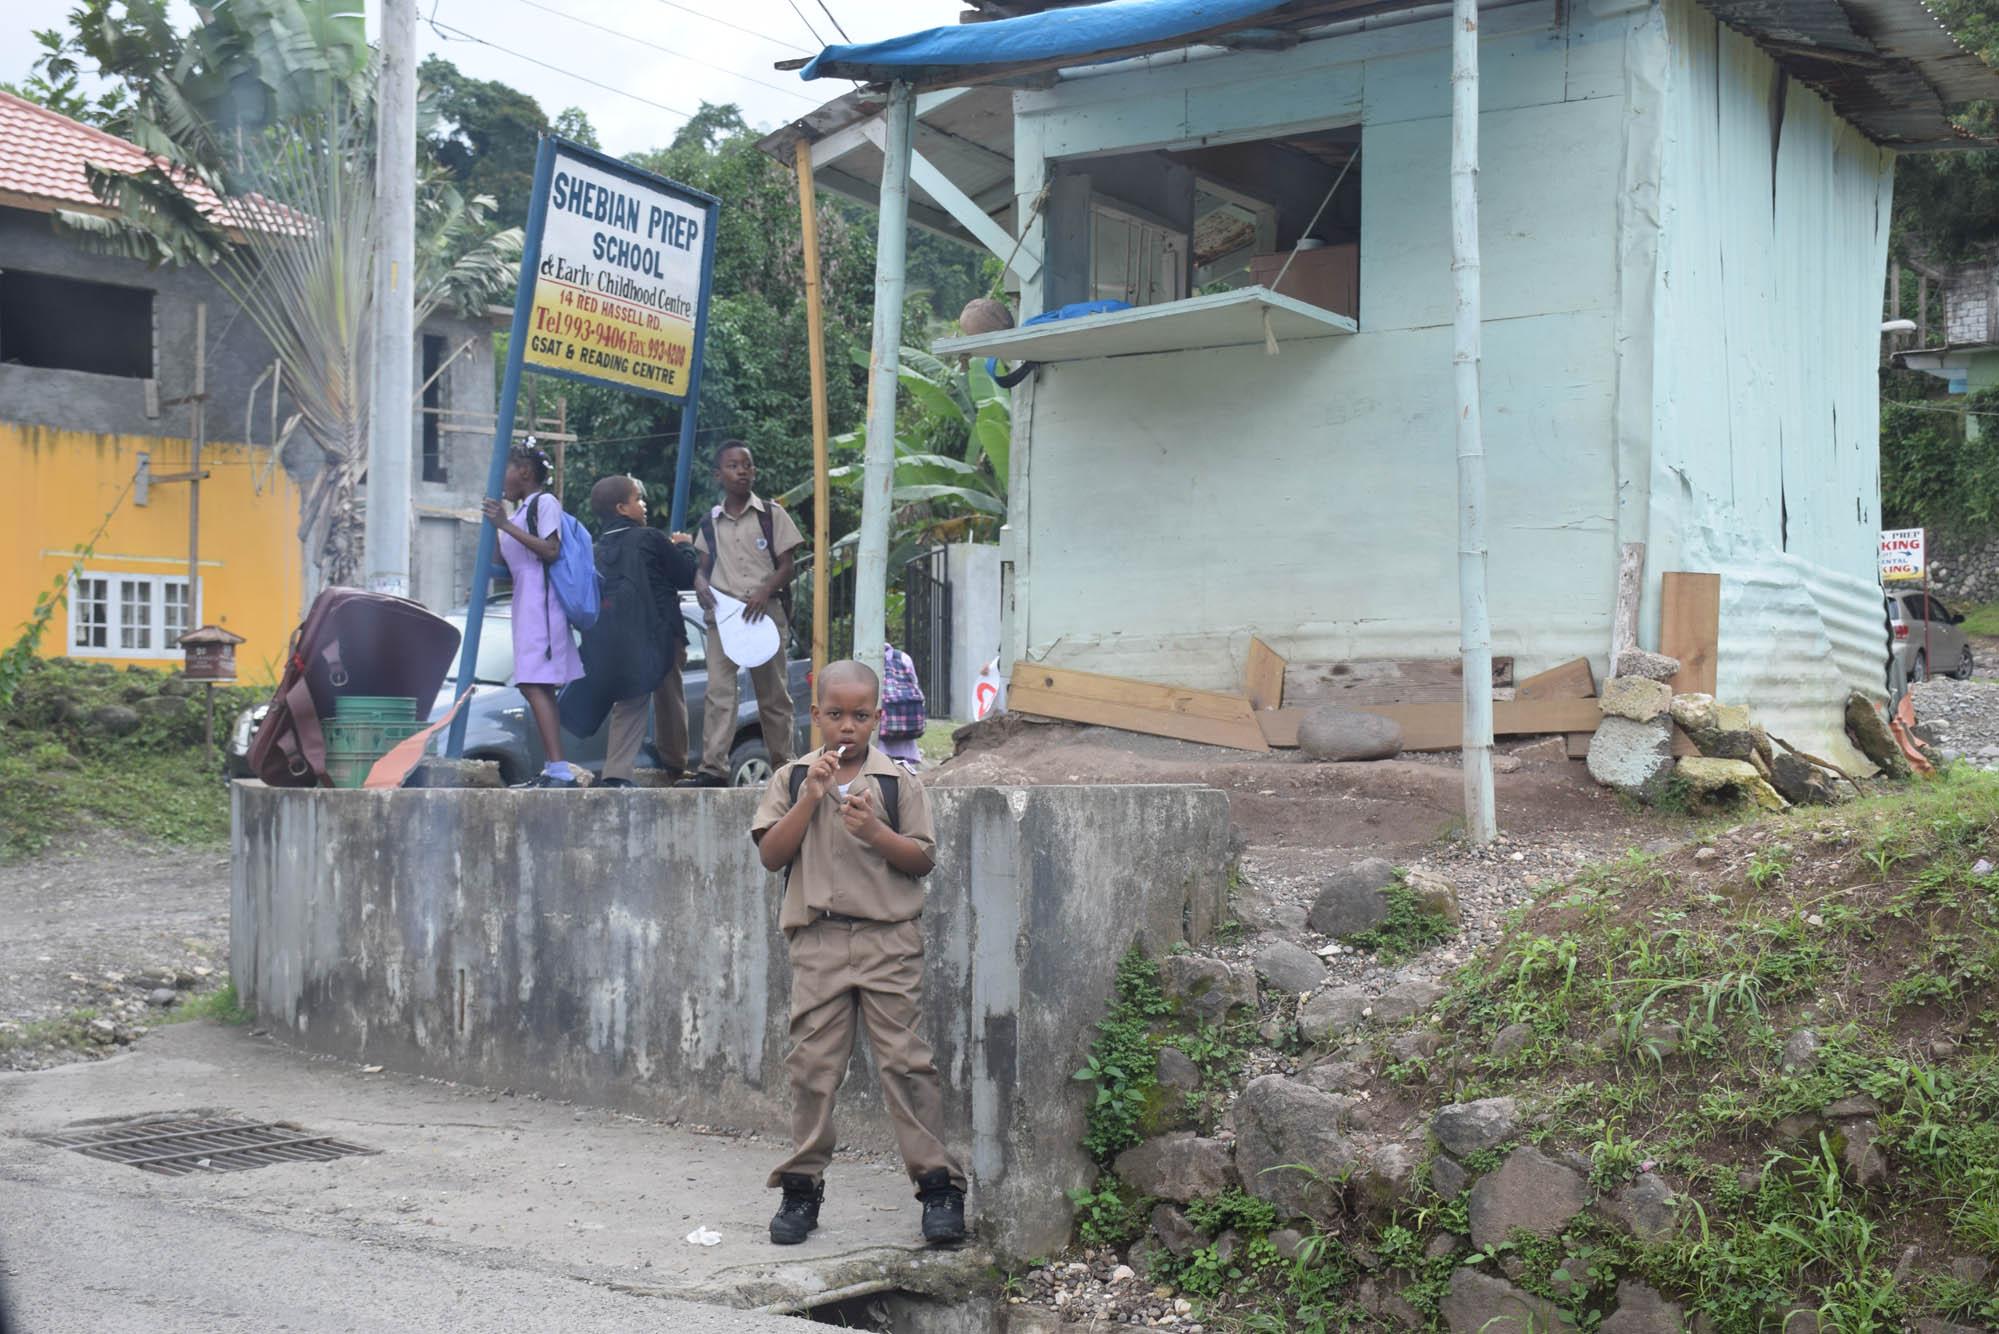 Pelos vilarejos até chegar no local de abordagem no bamboo raft...